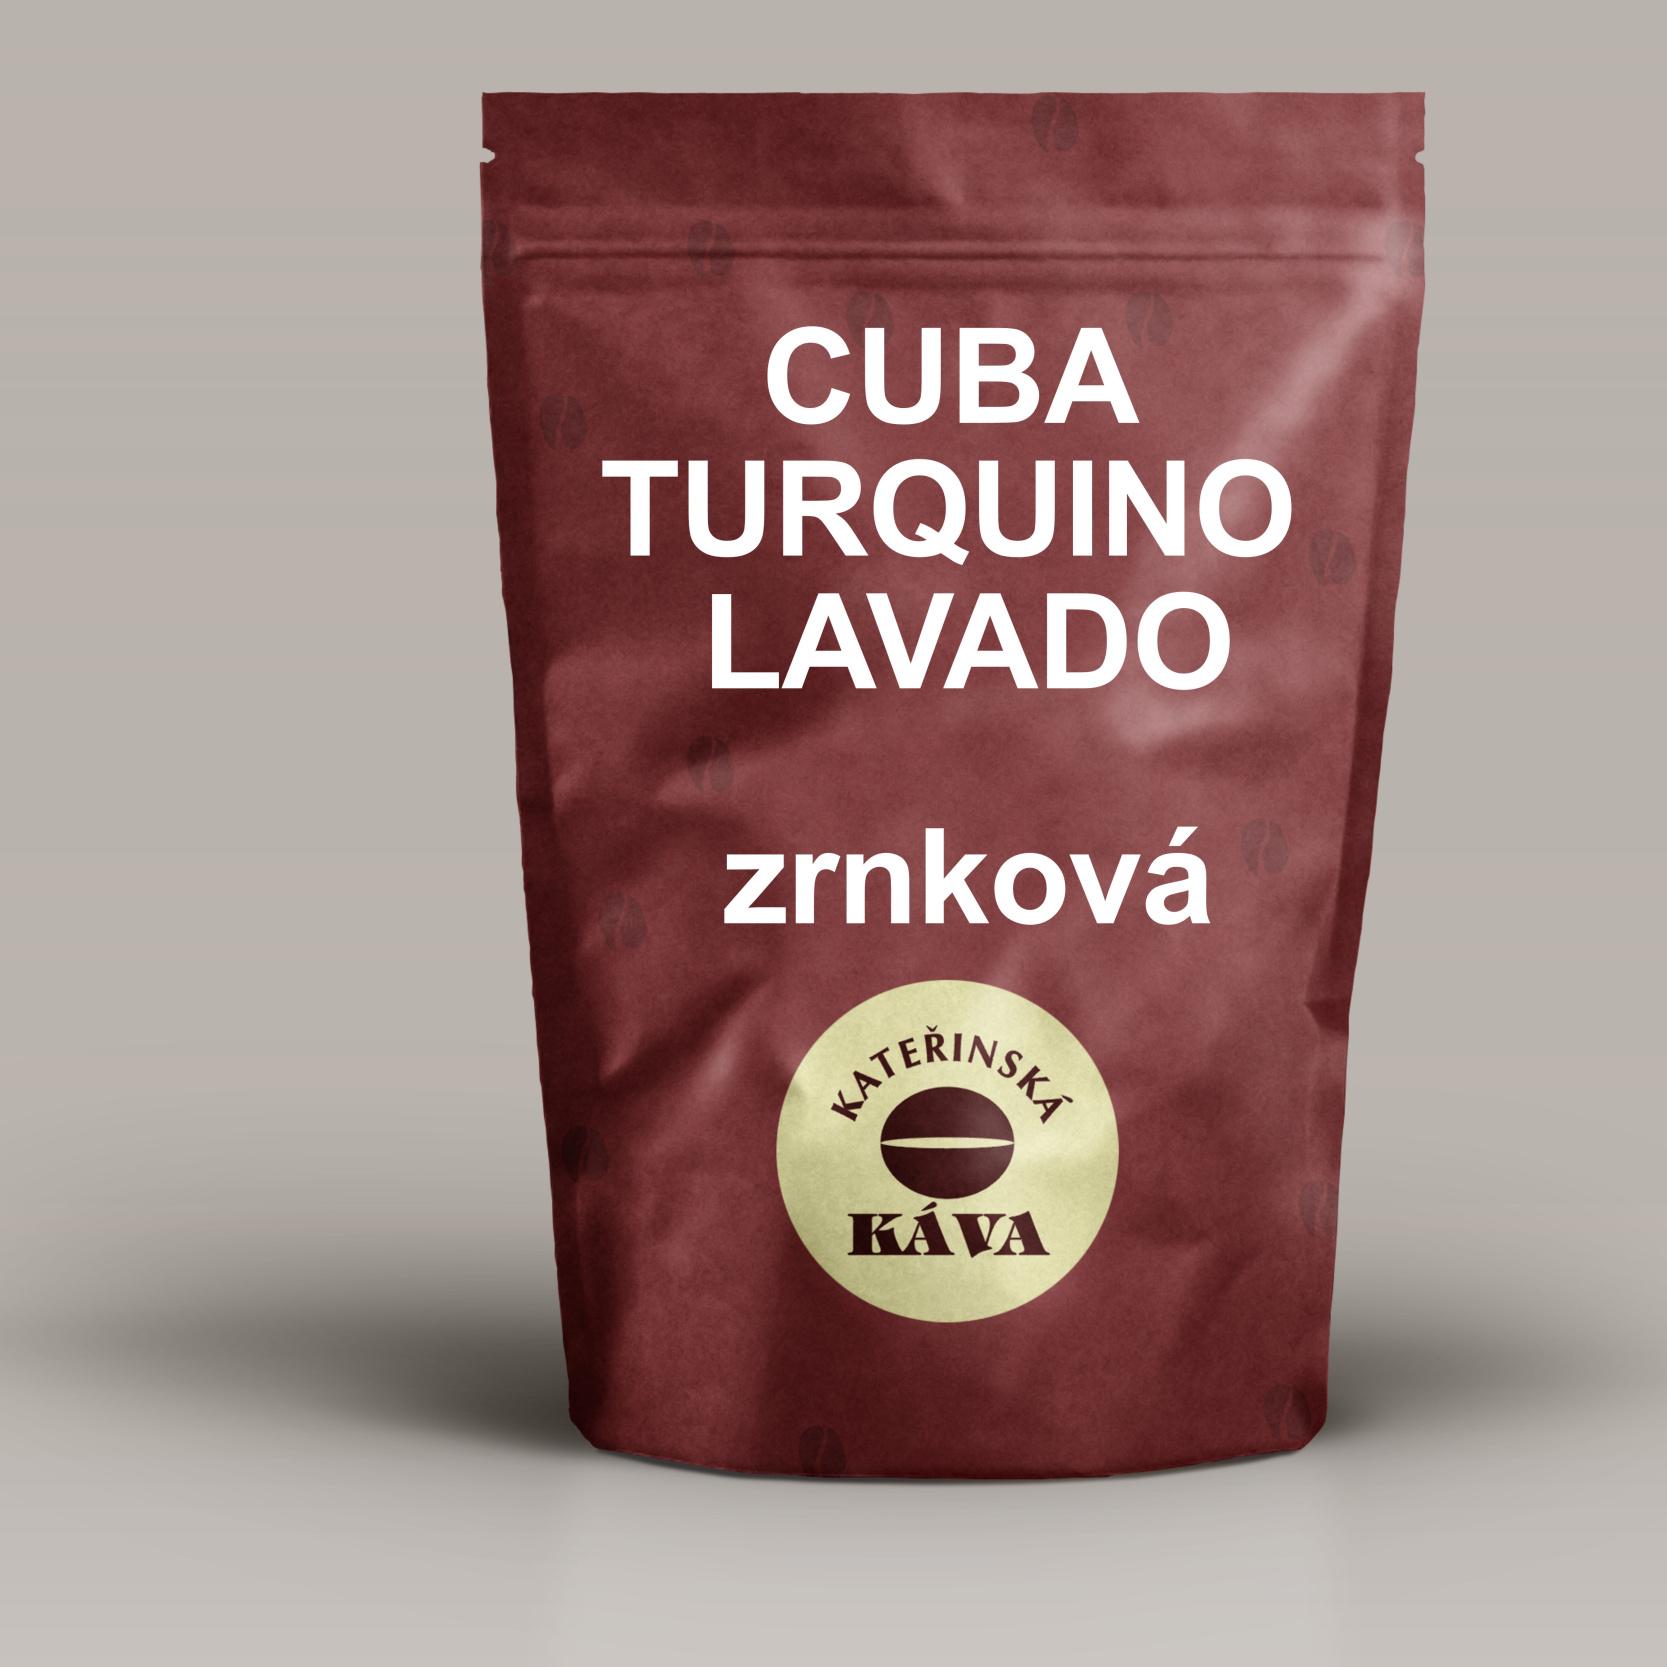 CUBA TURQUINO LAVADO -zrnková